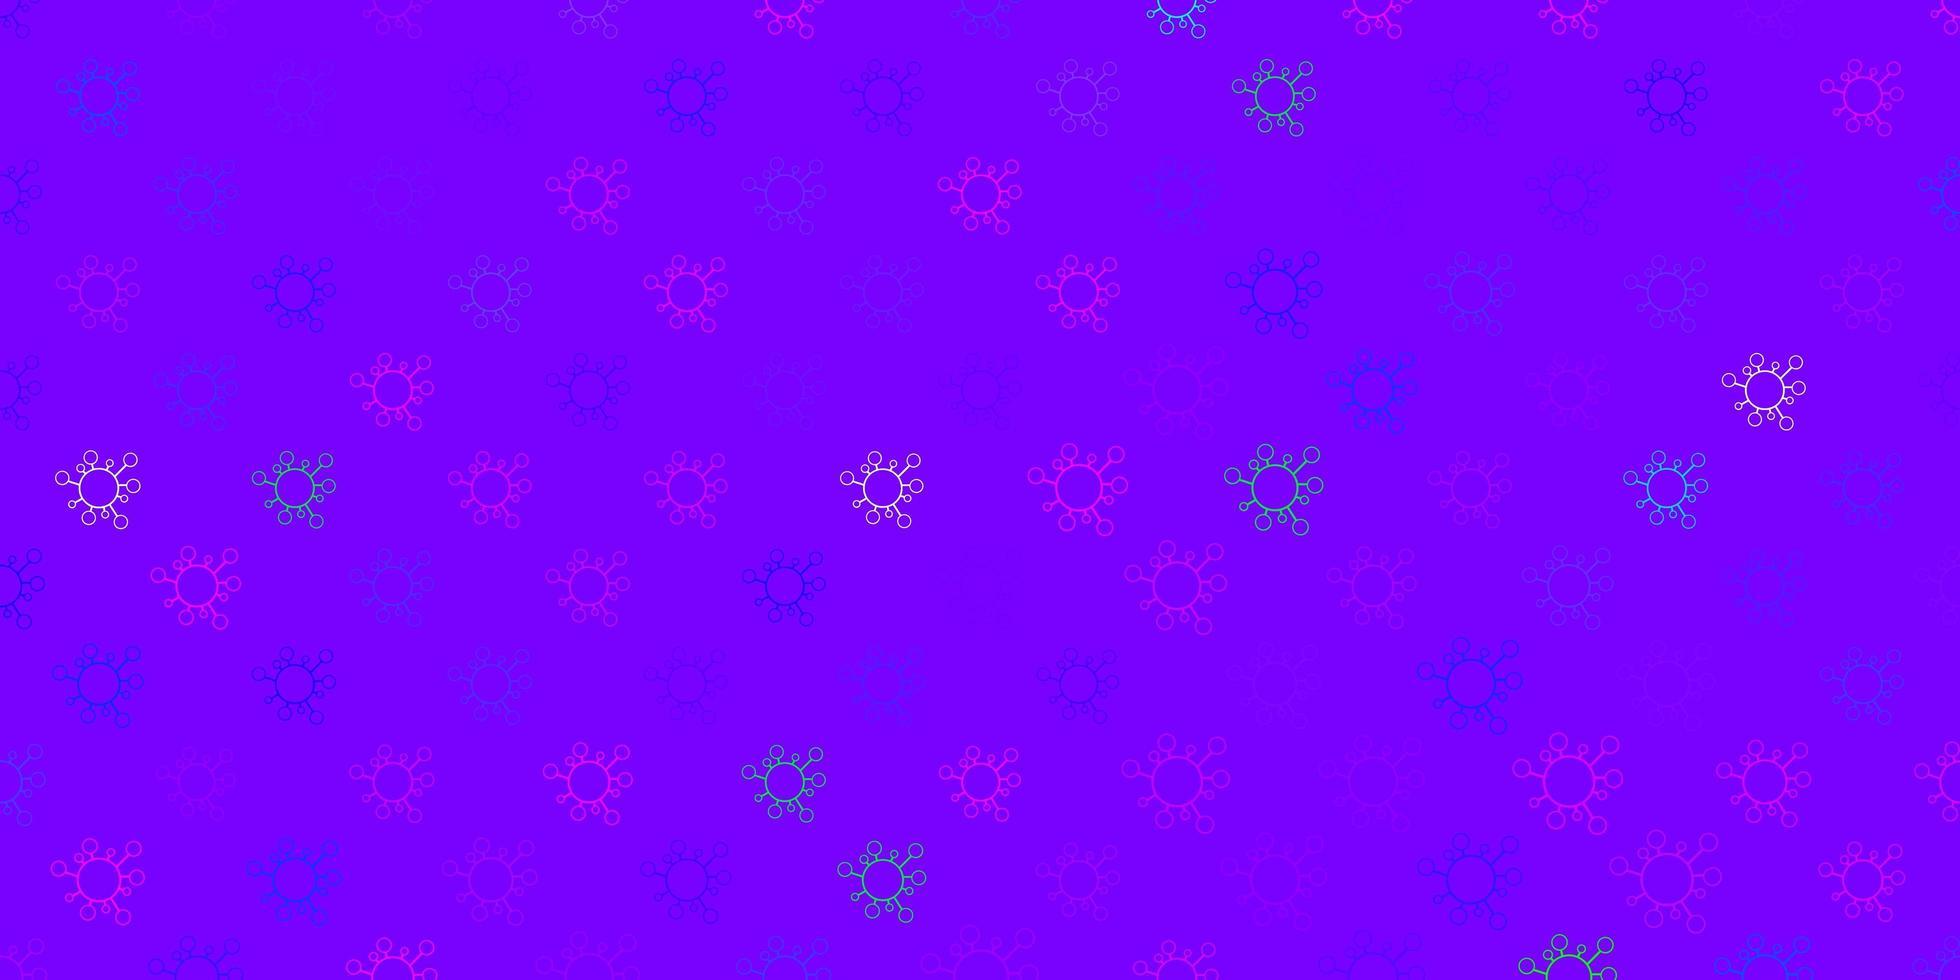 mörkrosa, blå vektormönster med coronaviruselement. vektor